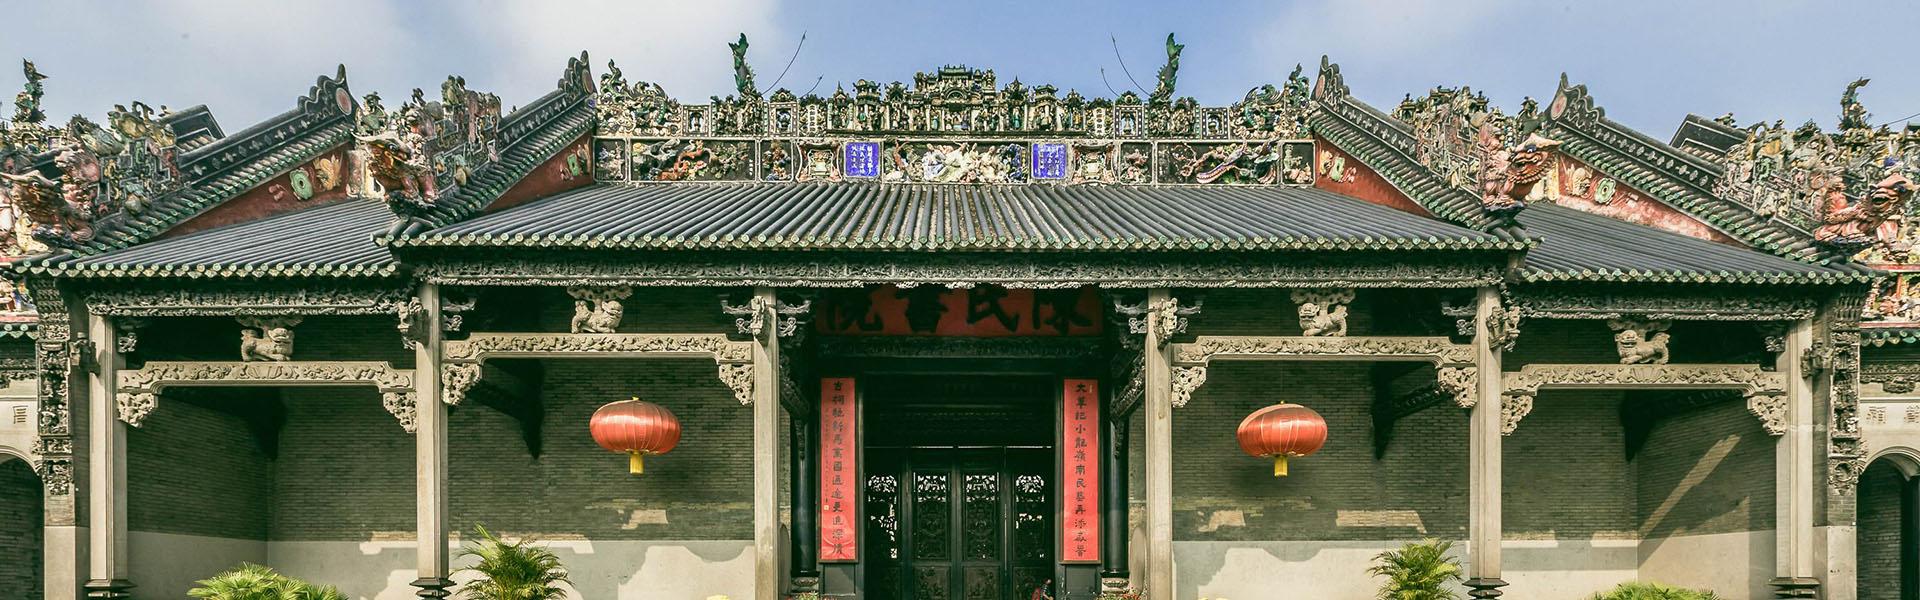 Tibet Tours from Hongkong, Guangzhou or Shenzhen